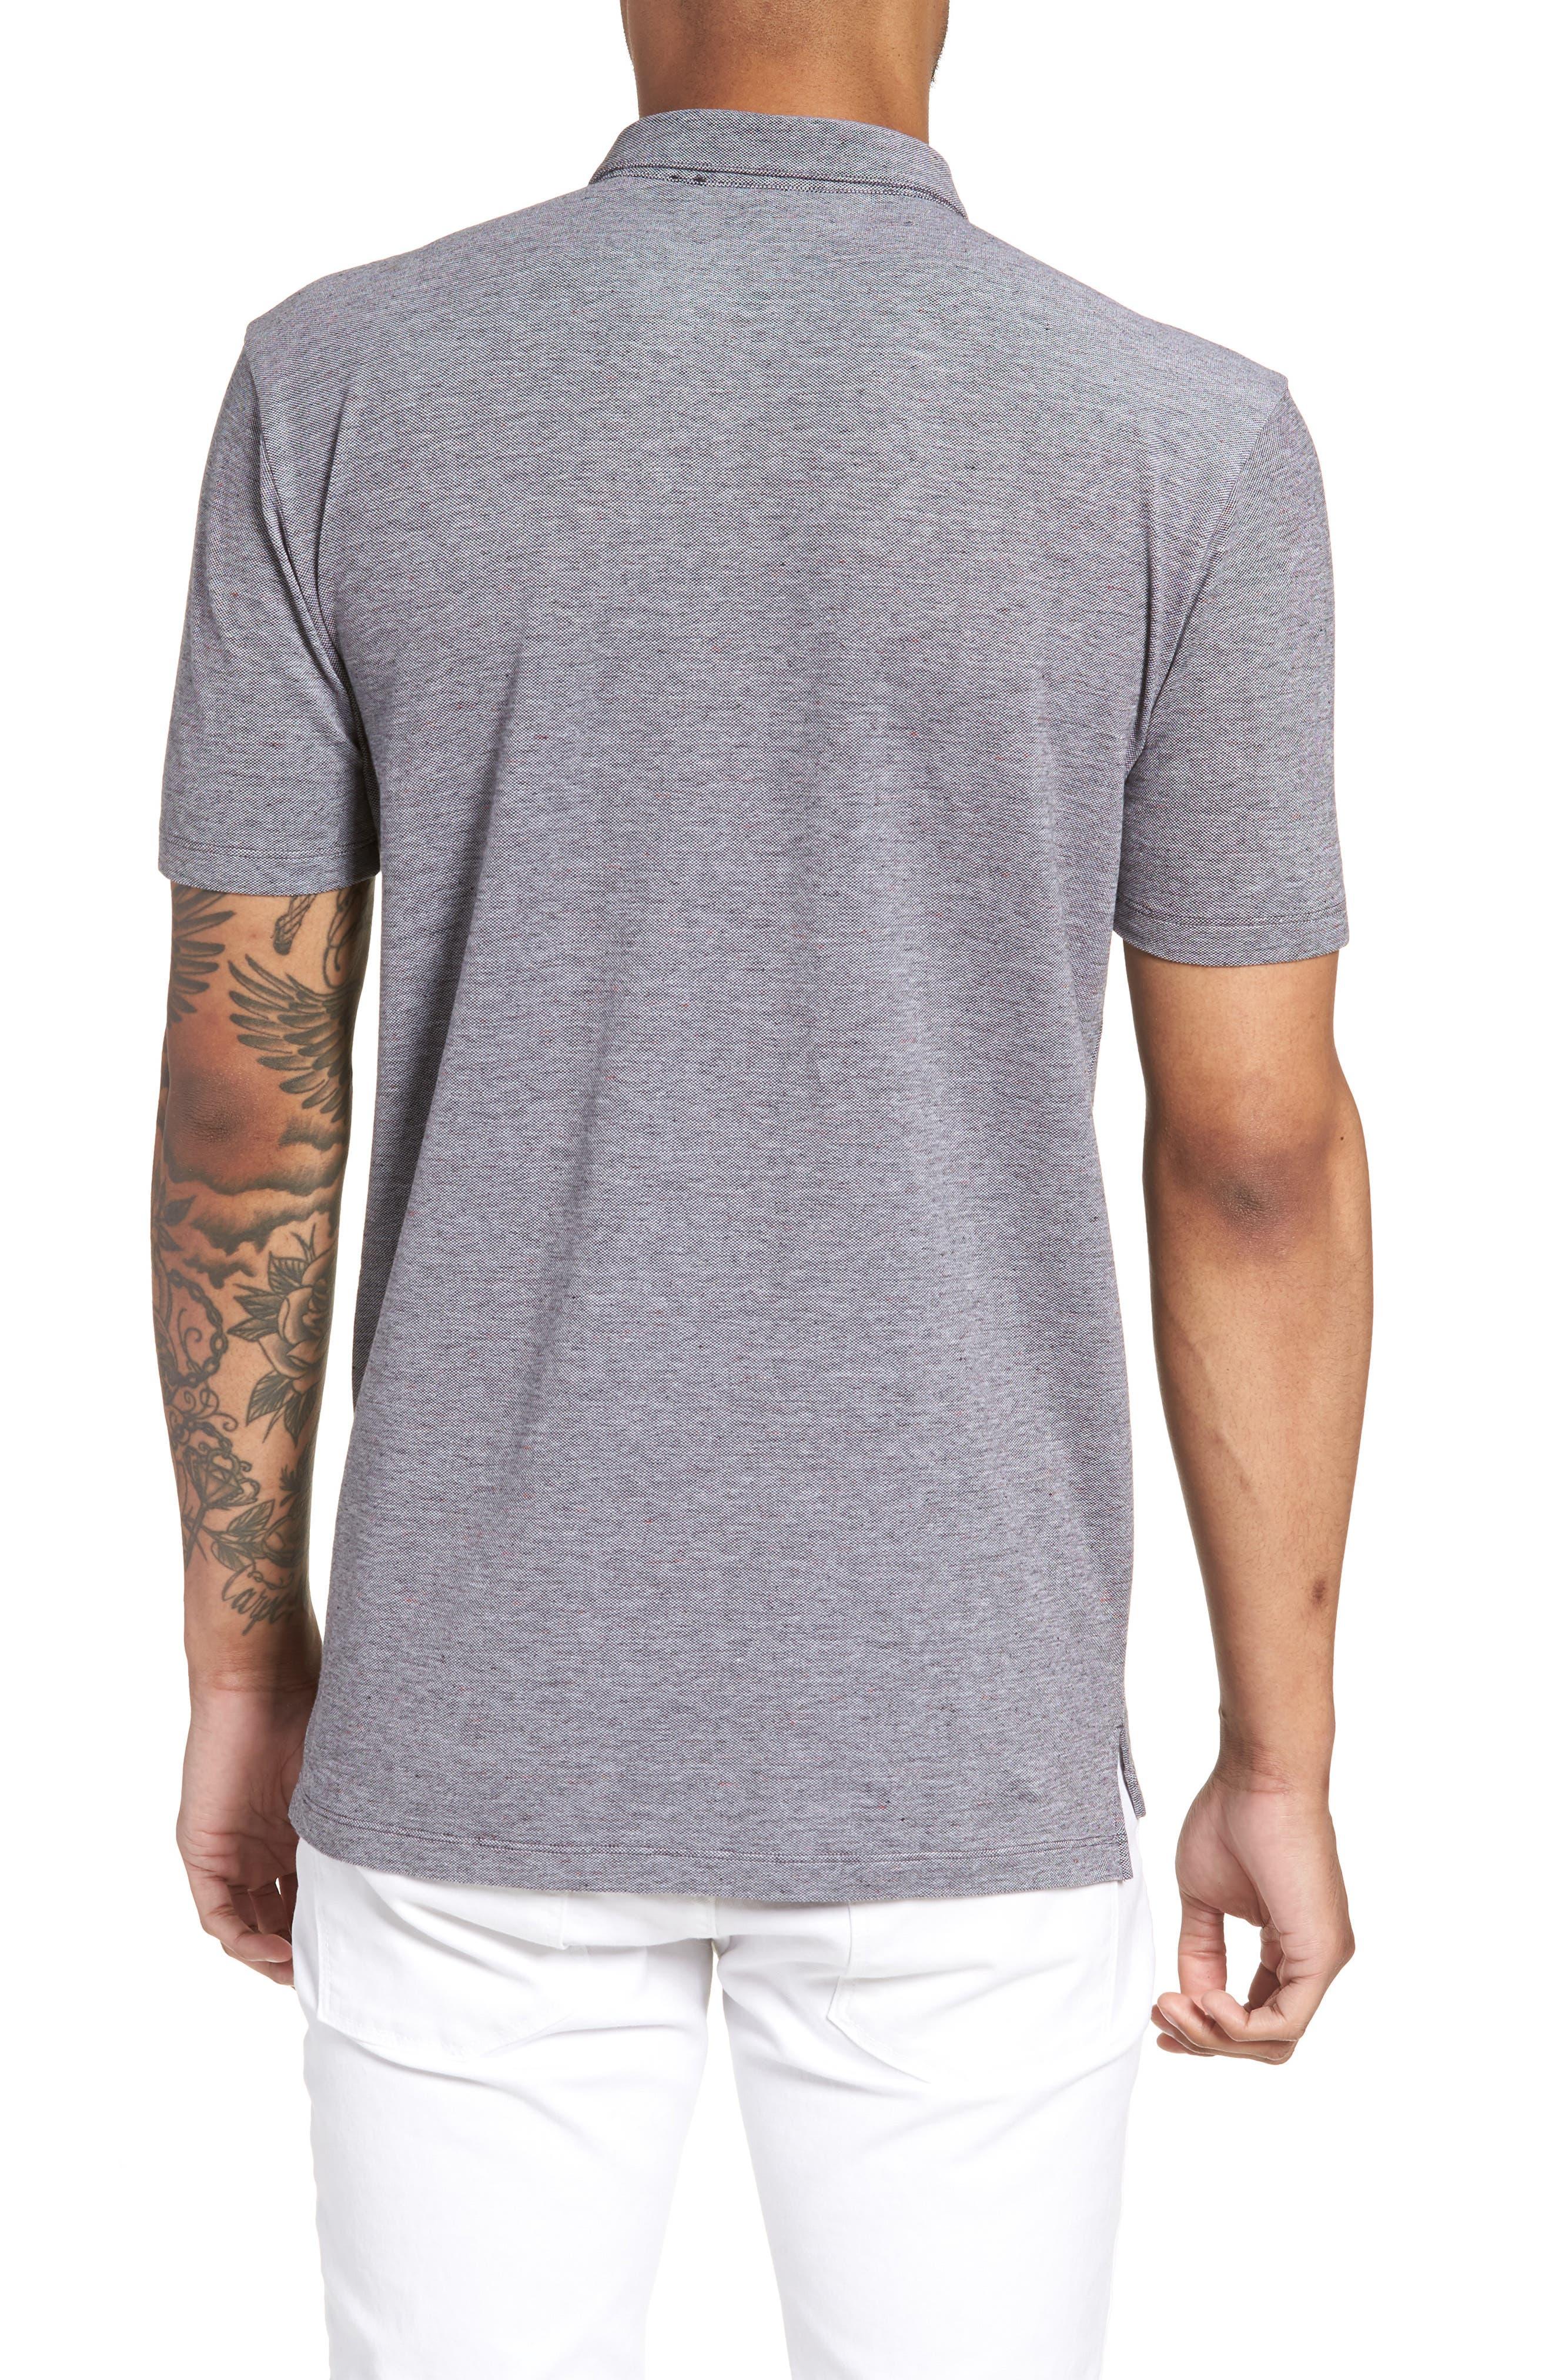 Darrow Cotton Polo Shirt,                             Alternate thumbnail 2, color,                             001